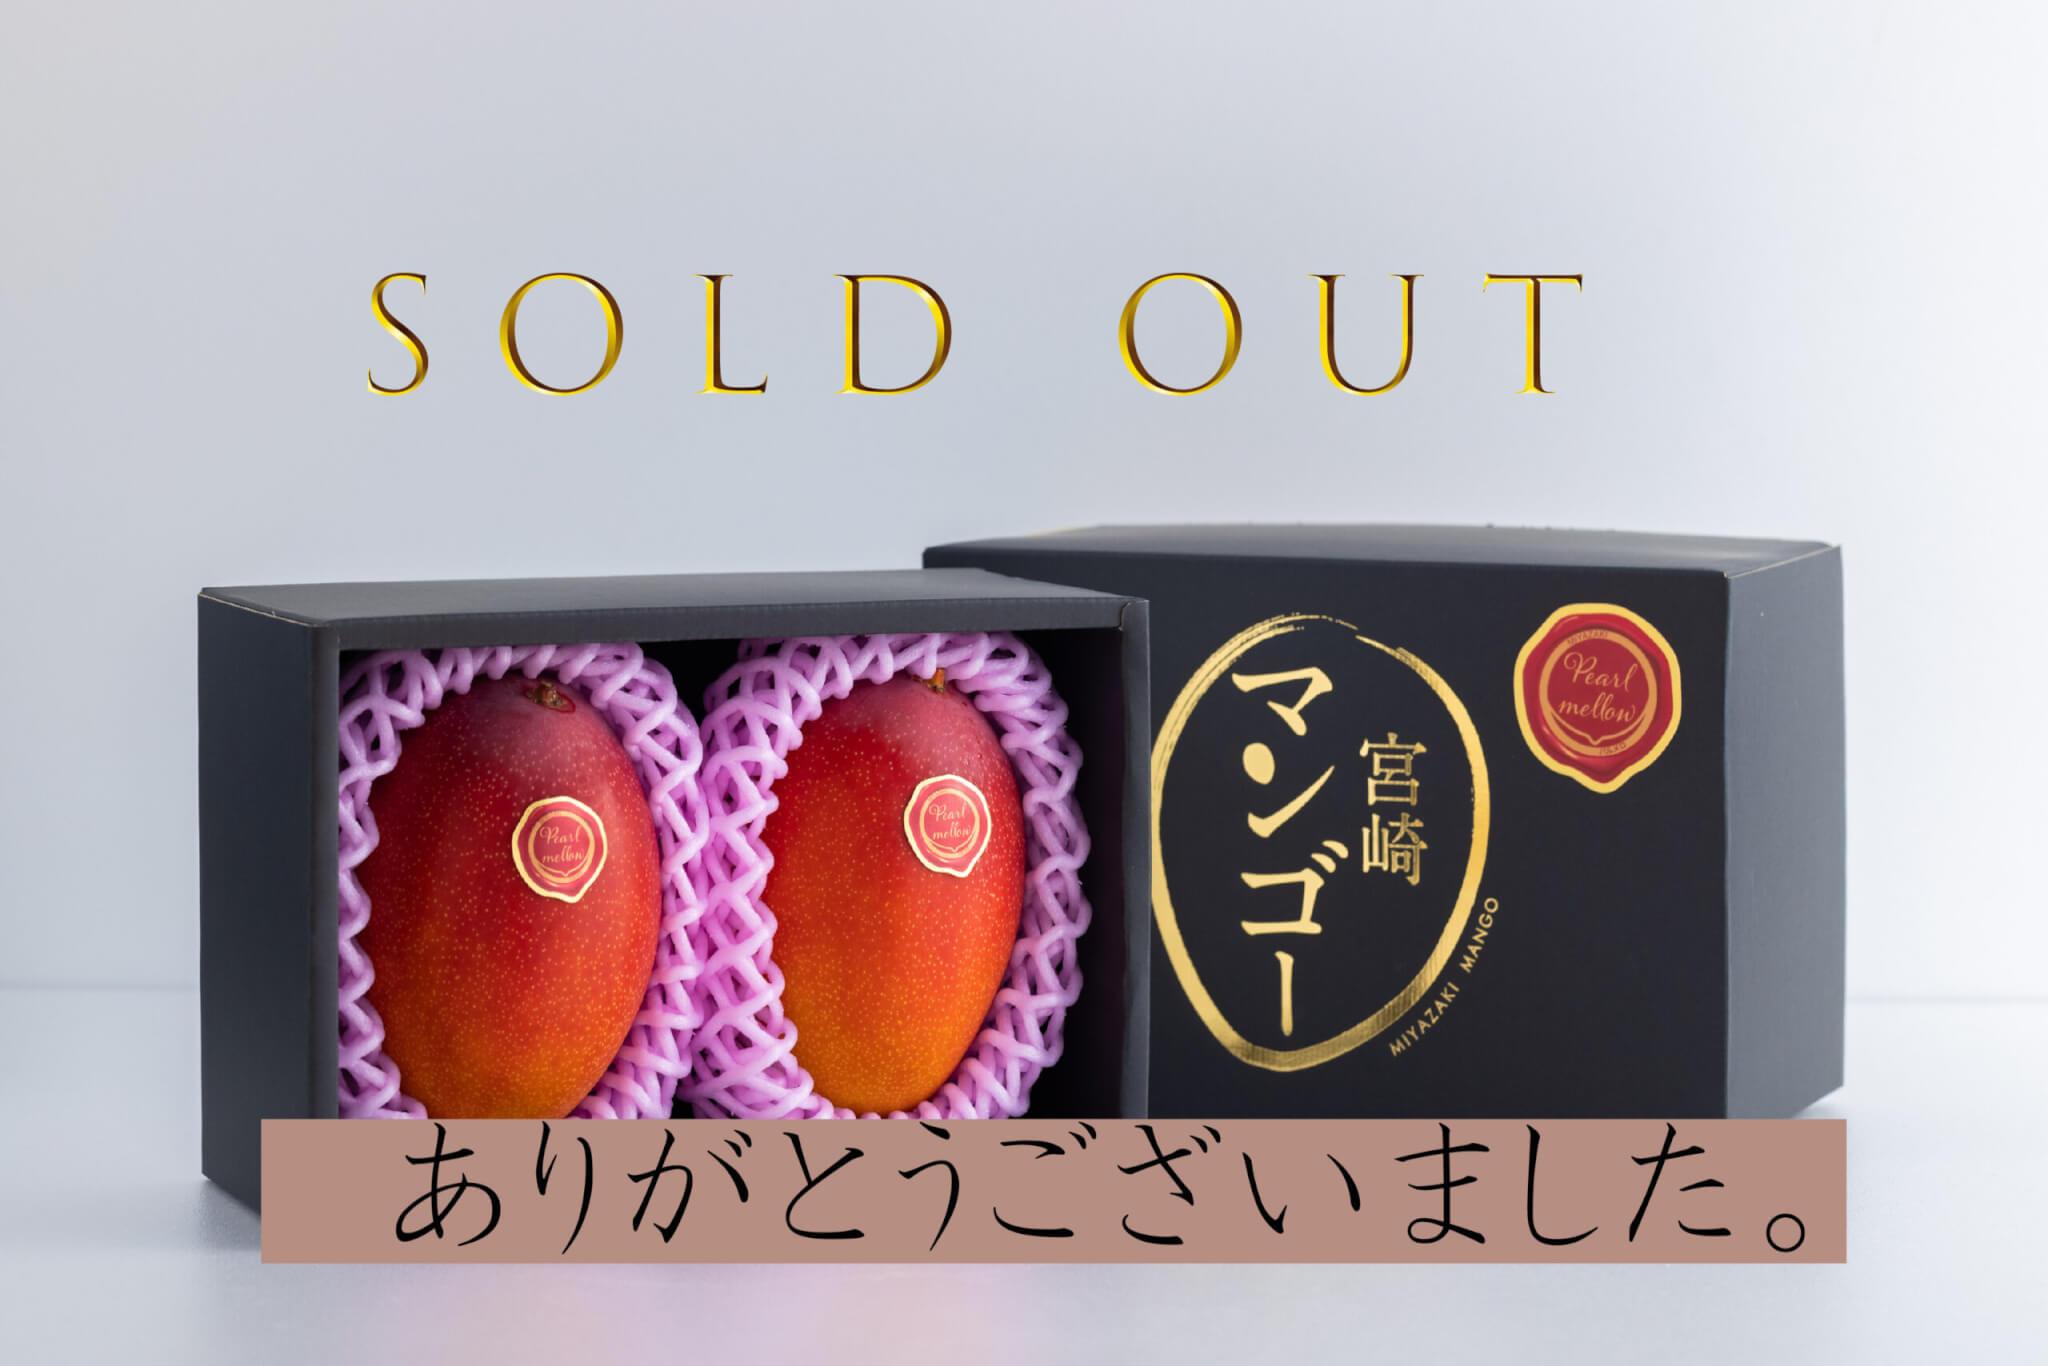 パルメロ 350~450g×2玉入り【SOLD OUT】